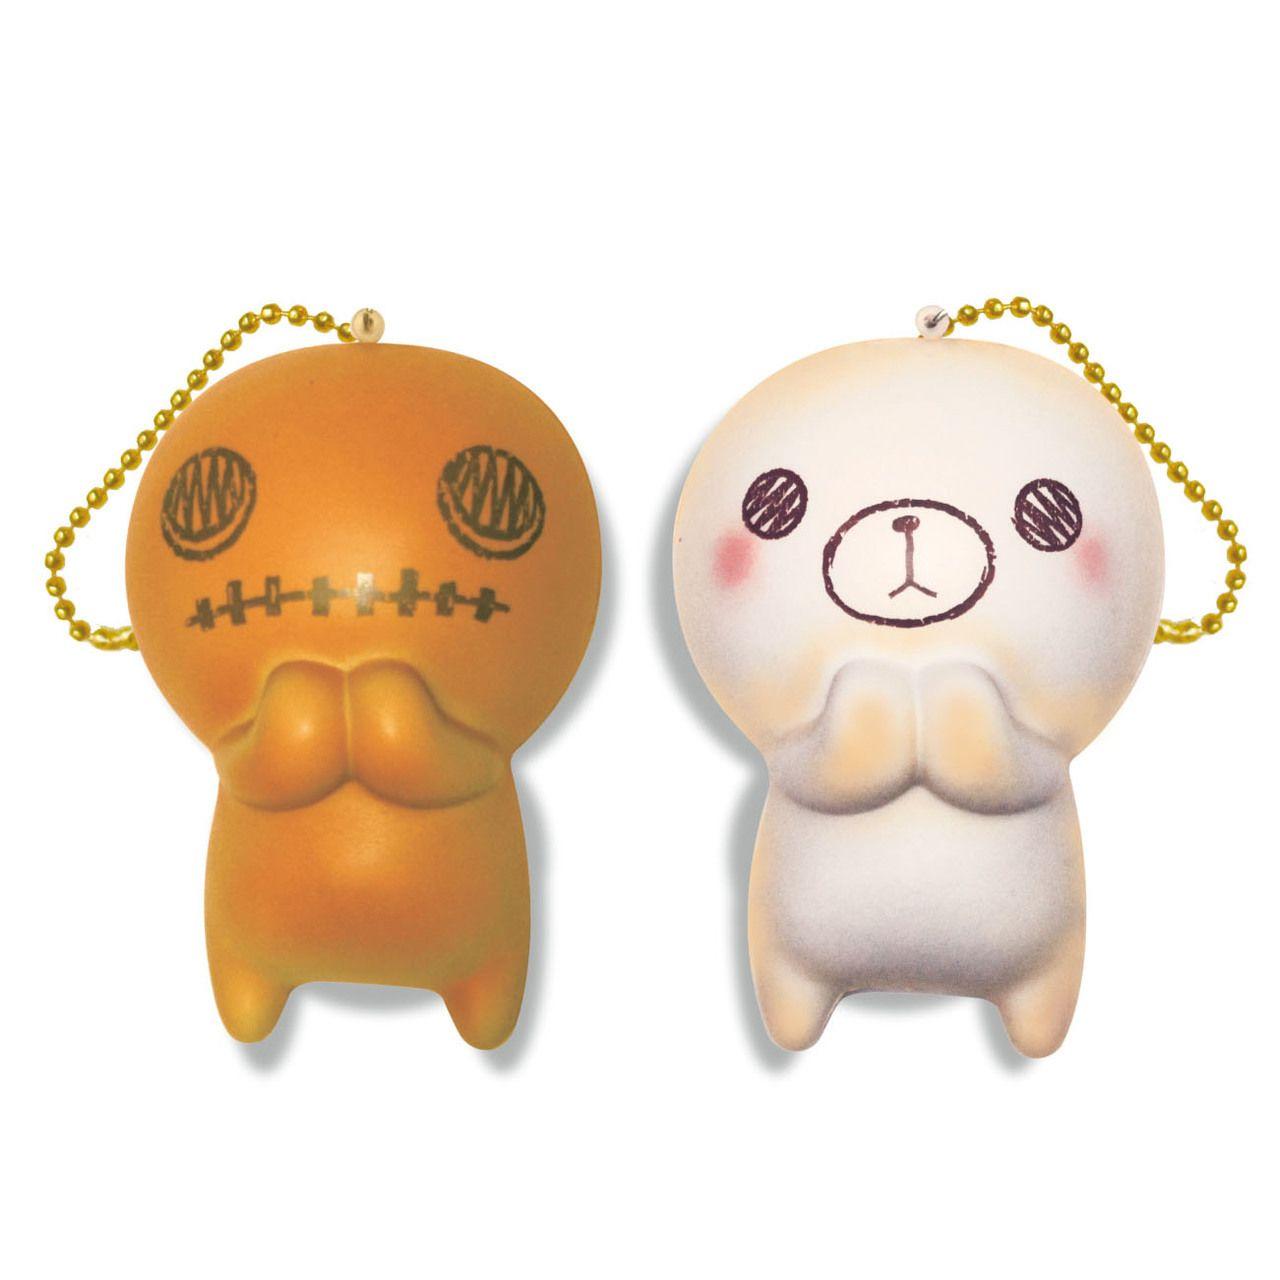 Squishy Ibloom : sillysquishies.com - iBloom Bread Doll Squishy,   USD19.99 (http://www.sillysquishies.com/ibloom ...